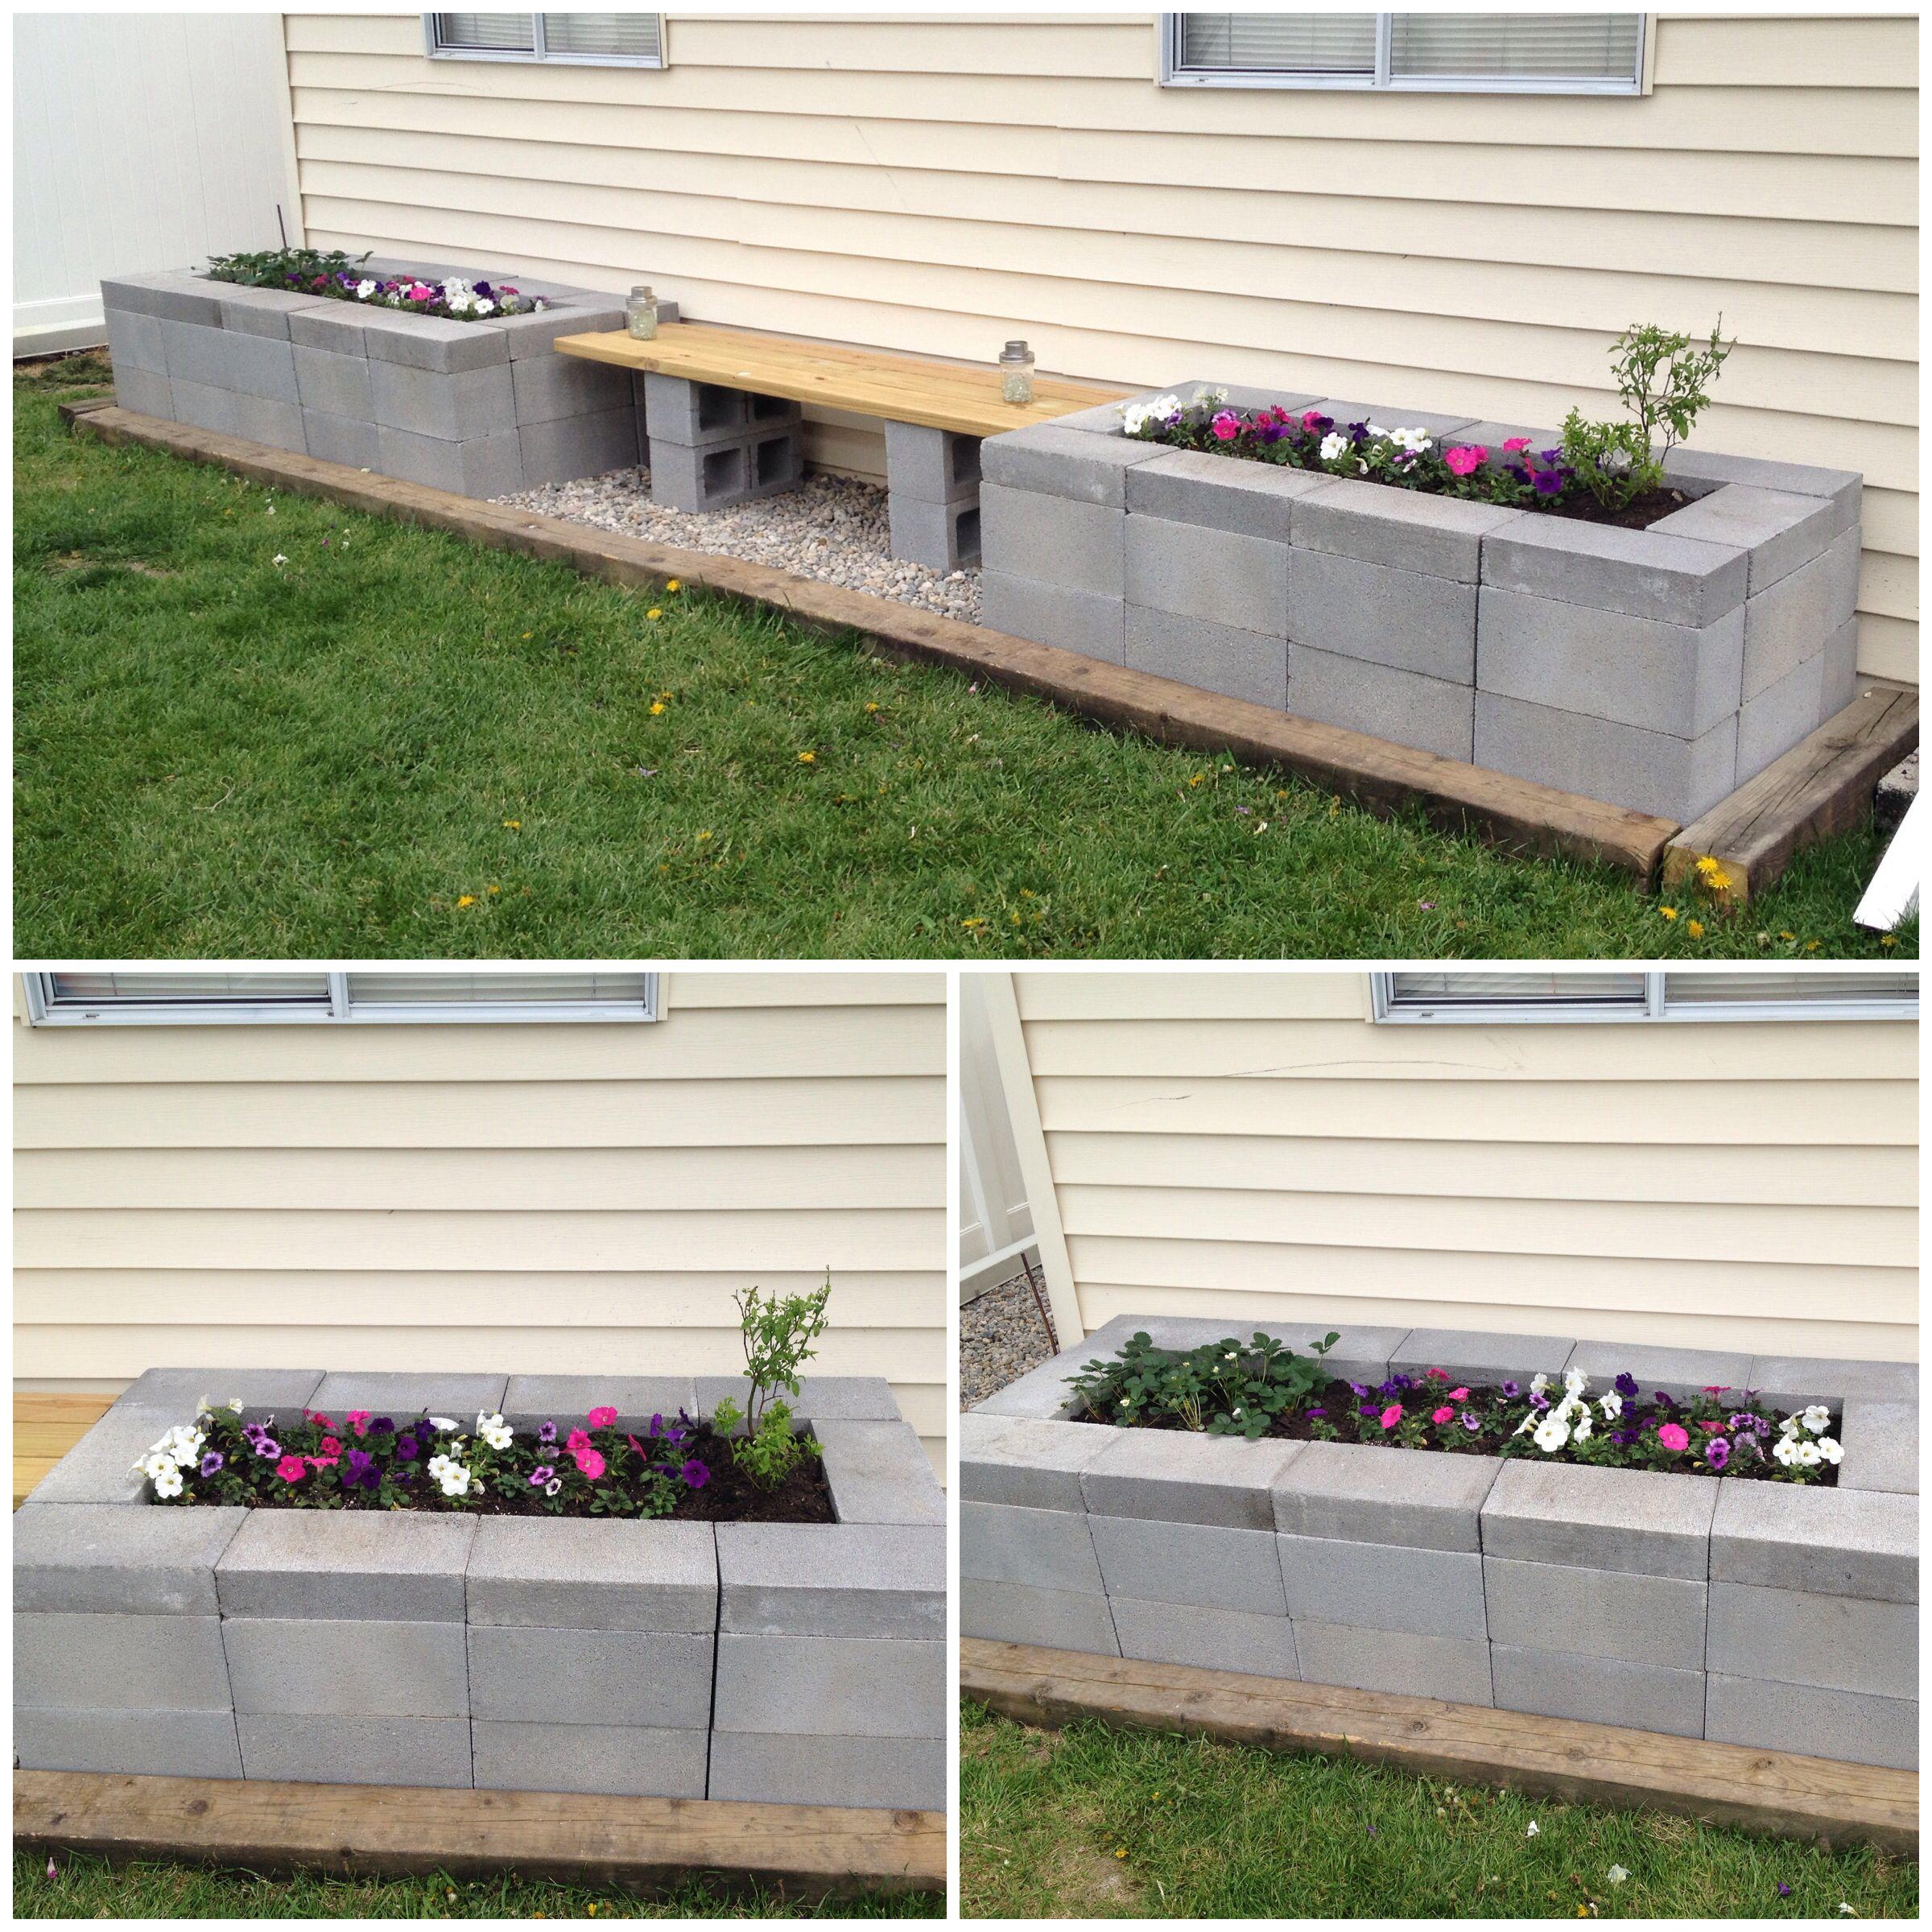 Maceteros bloques banca home gardens jardiner a for Escalera de bloque de jardin